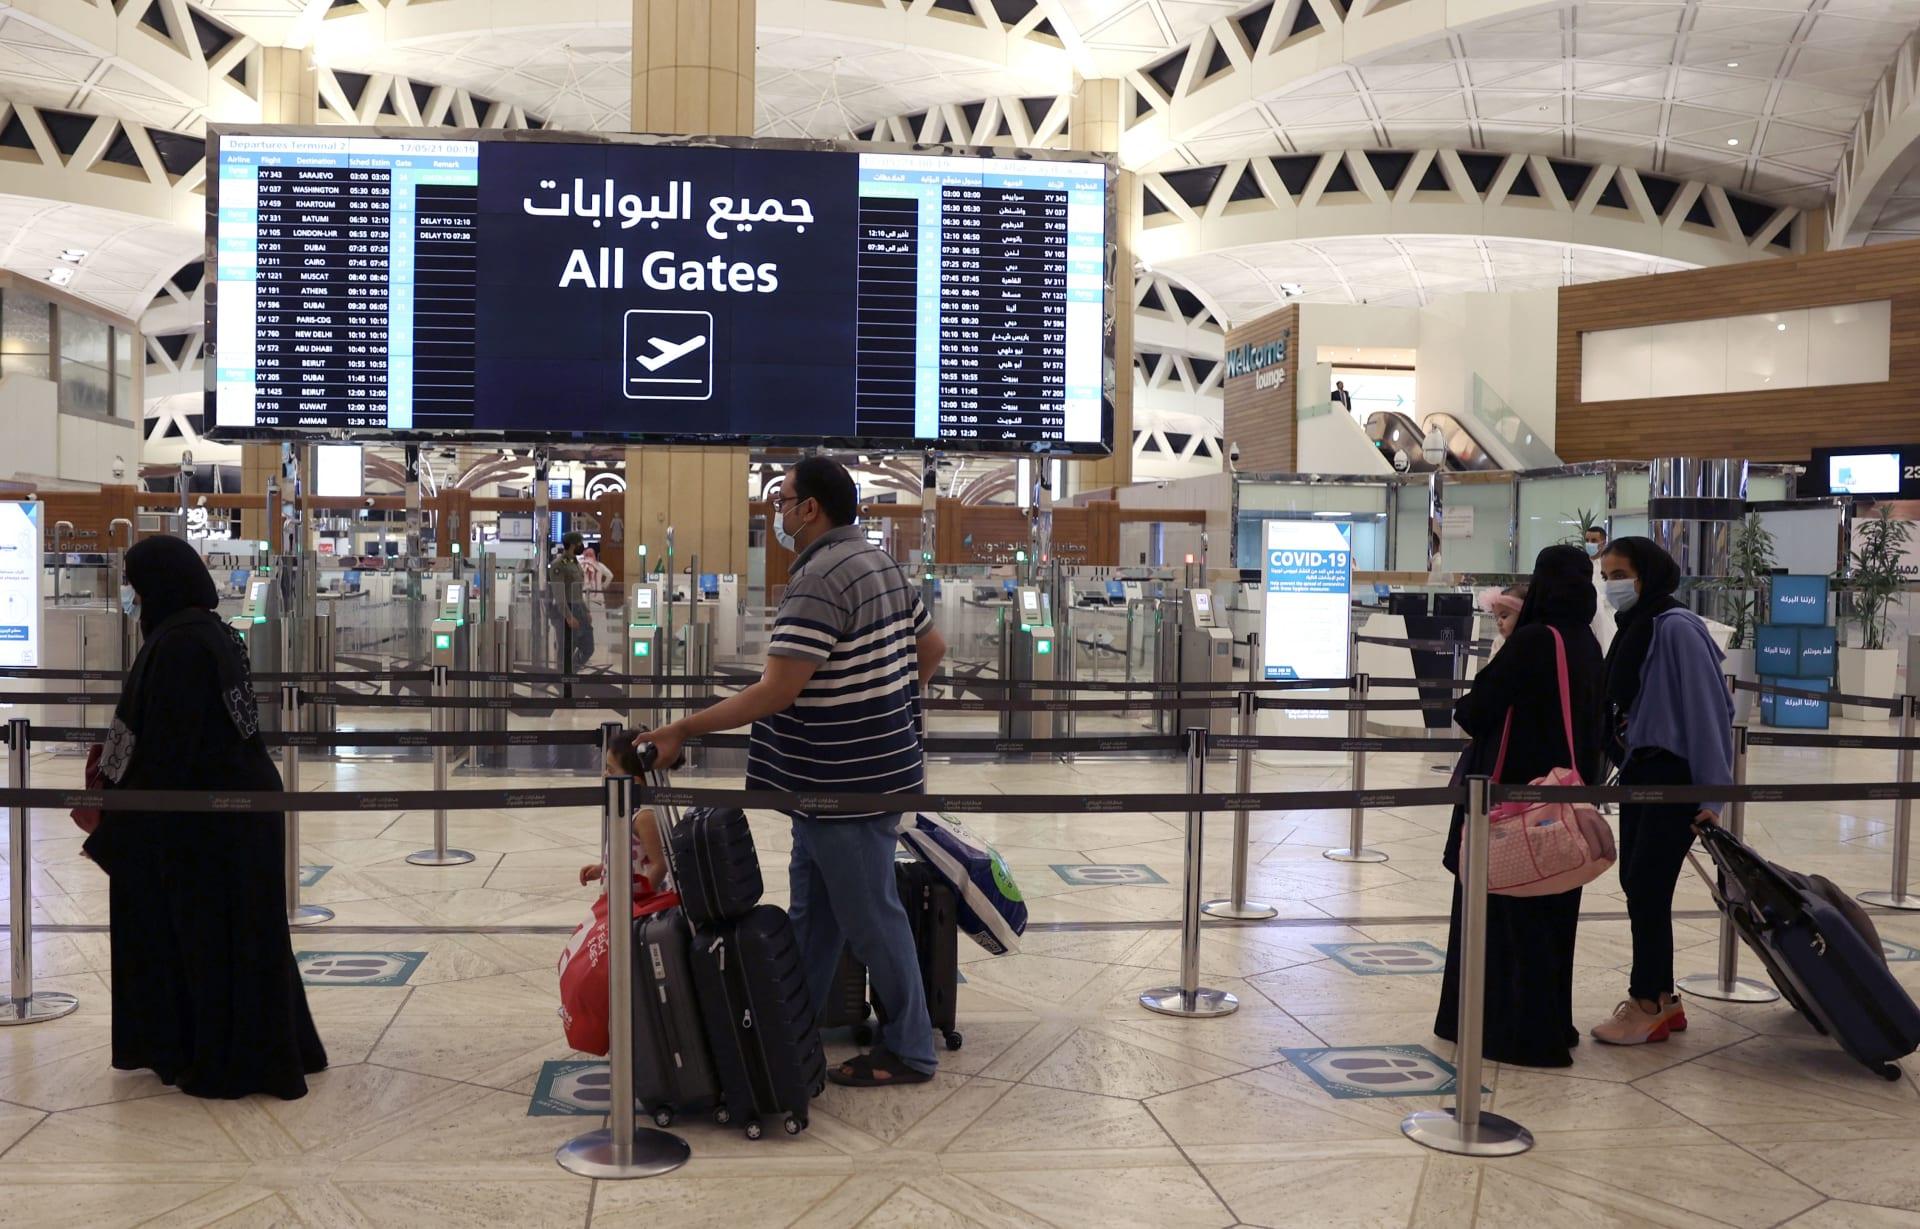 السعودية تفتح أبوابها وترفع تعليق دخول حاملي تأشيرات السياحة اعتبارا من 1  أغسطس - CNN Arabic